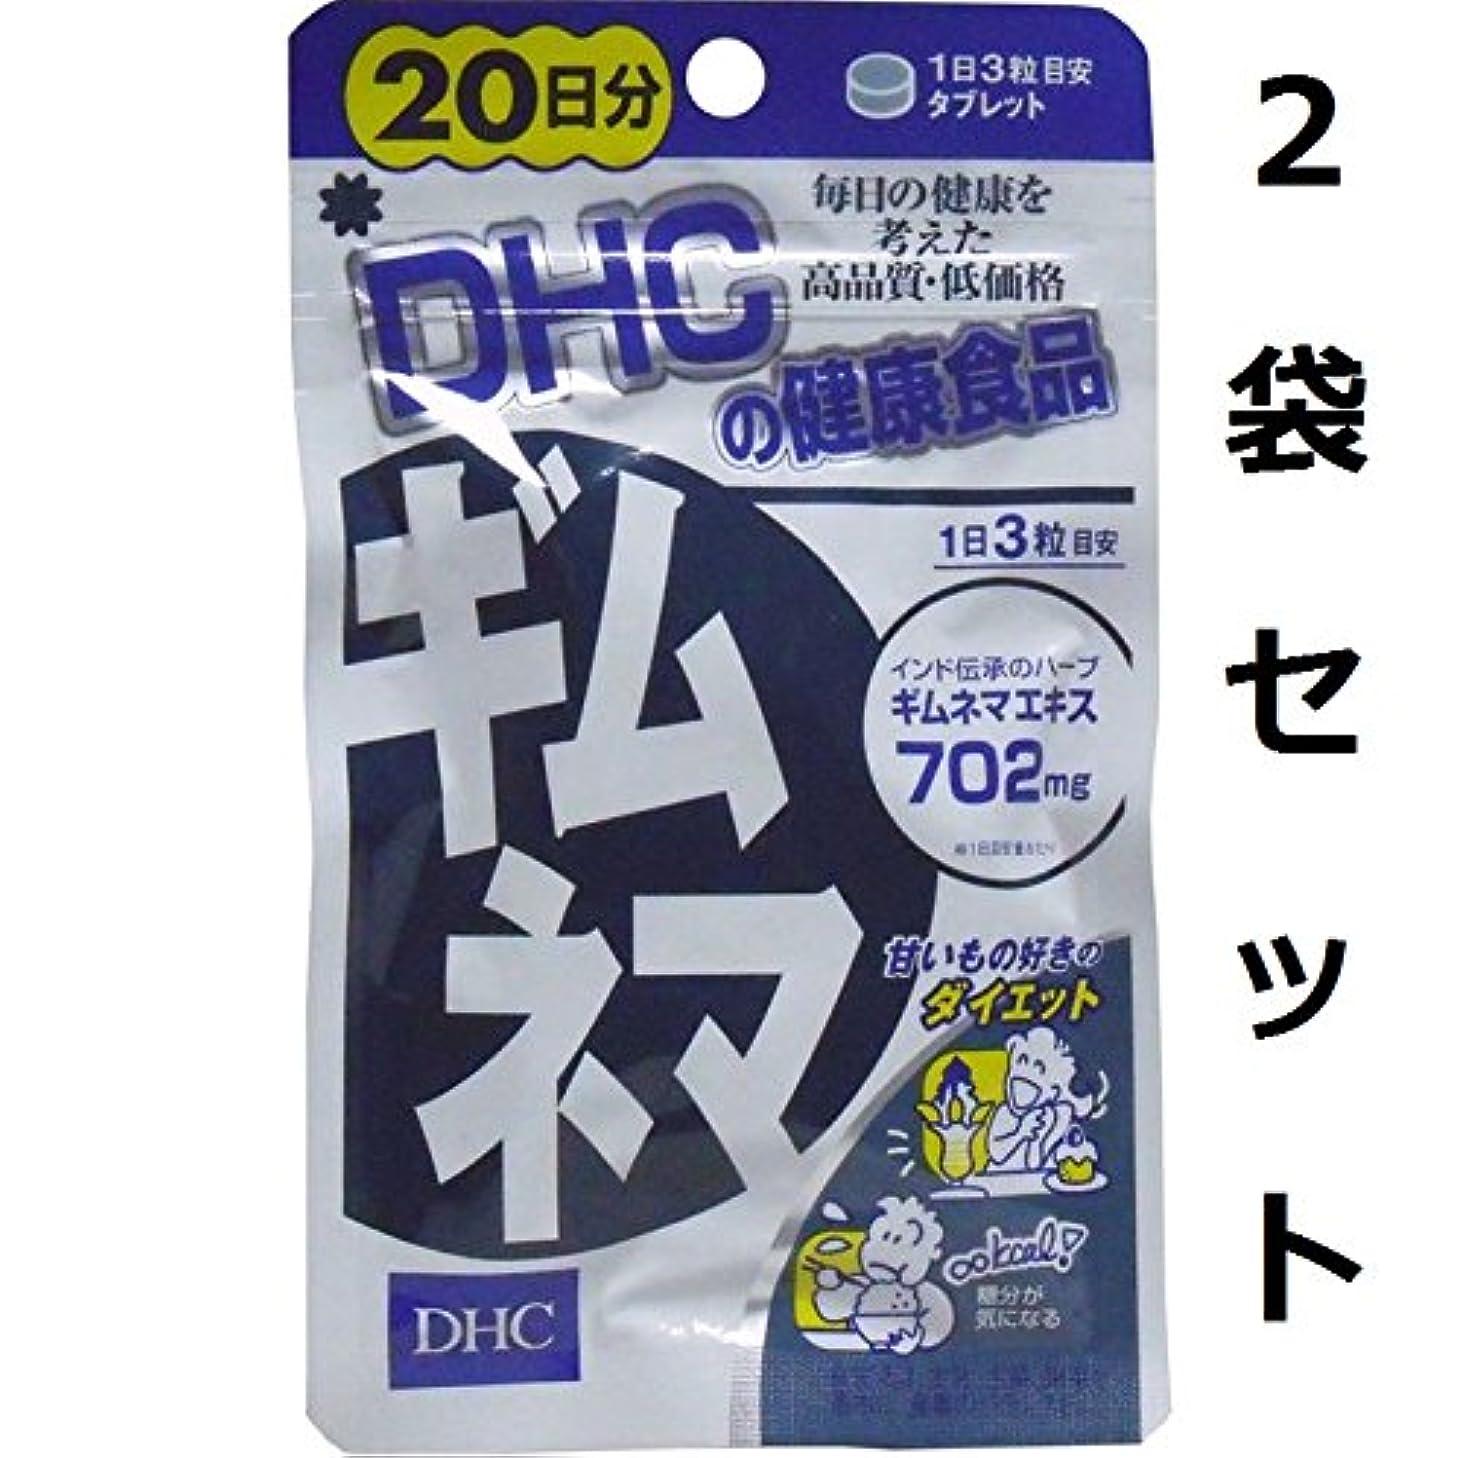 構造統合通常我慢せずに余分な糖分をブロック DHC ギムネマ 20日分 60粒 2袋セット